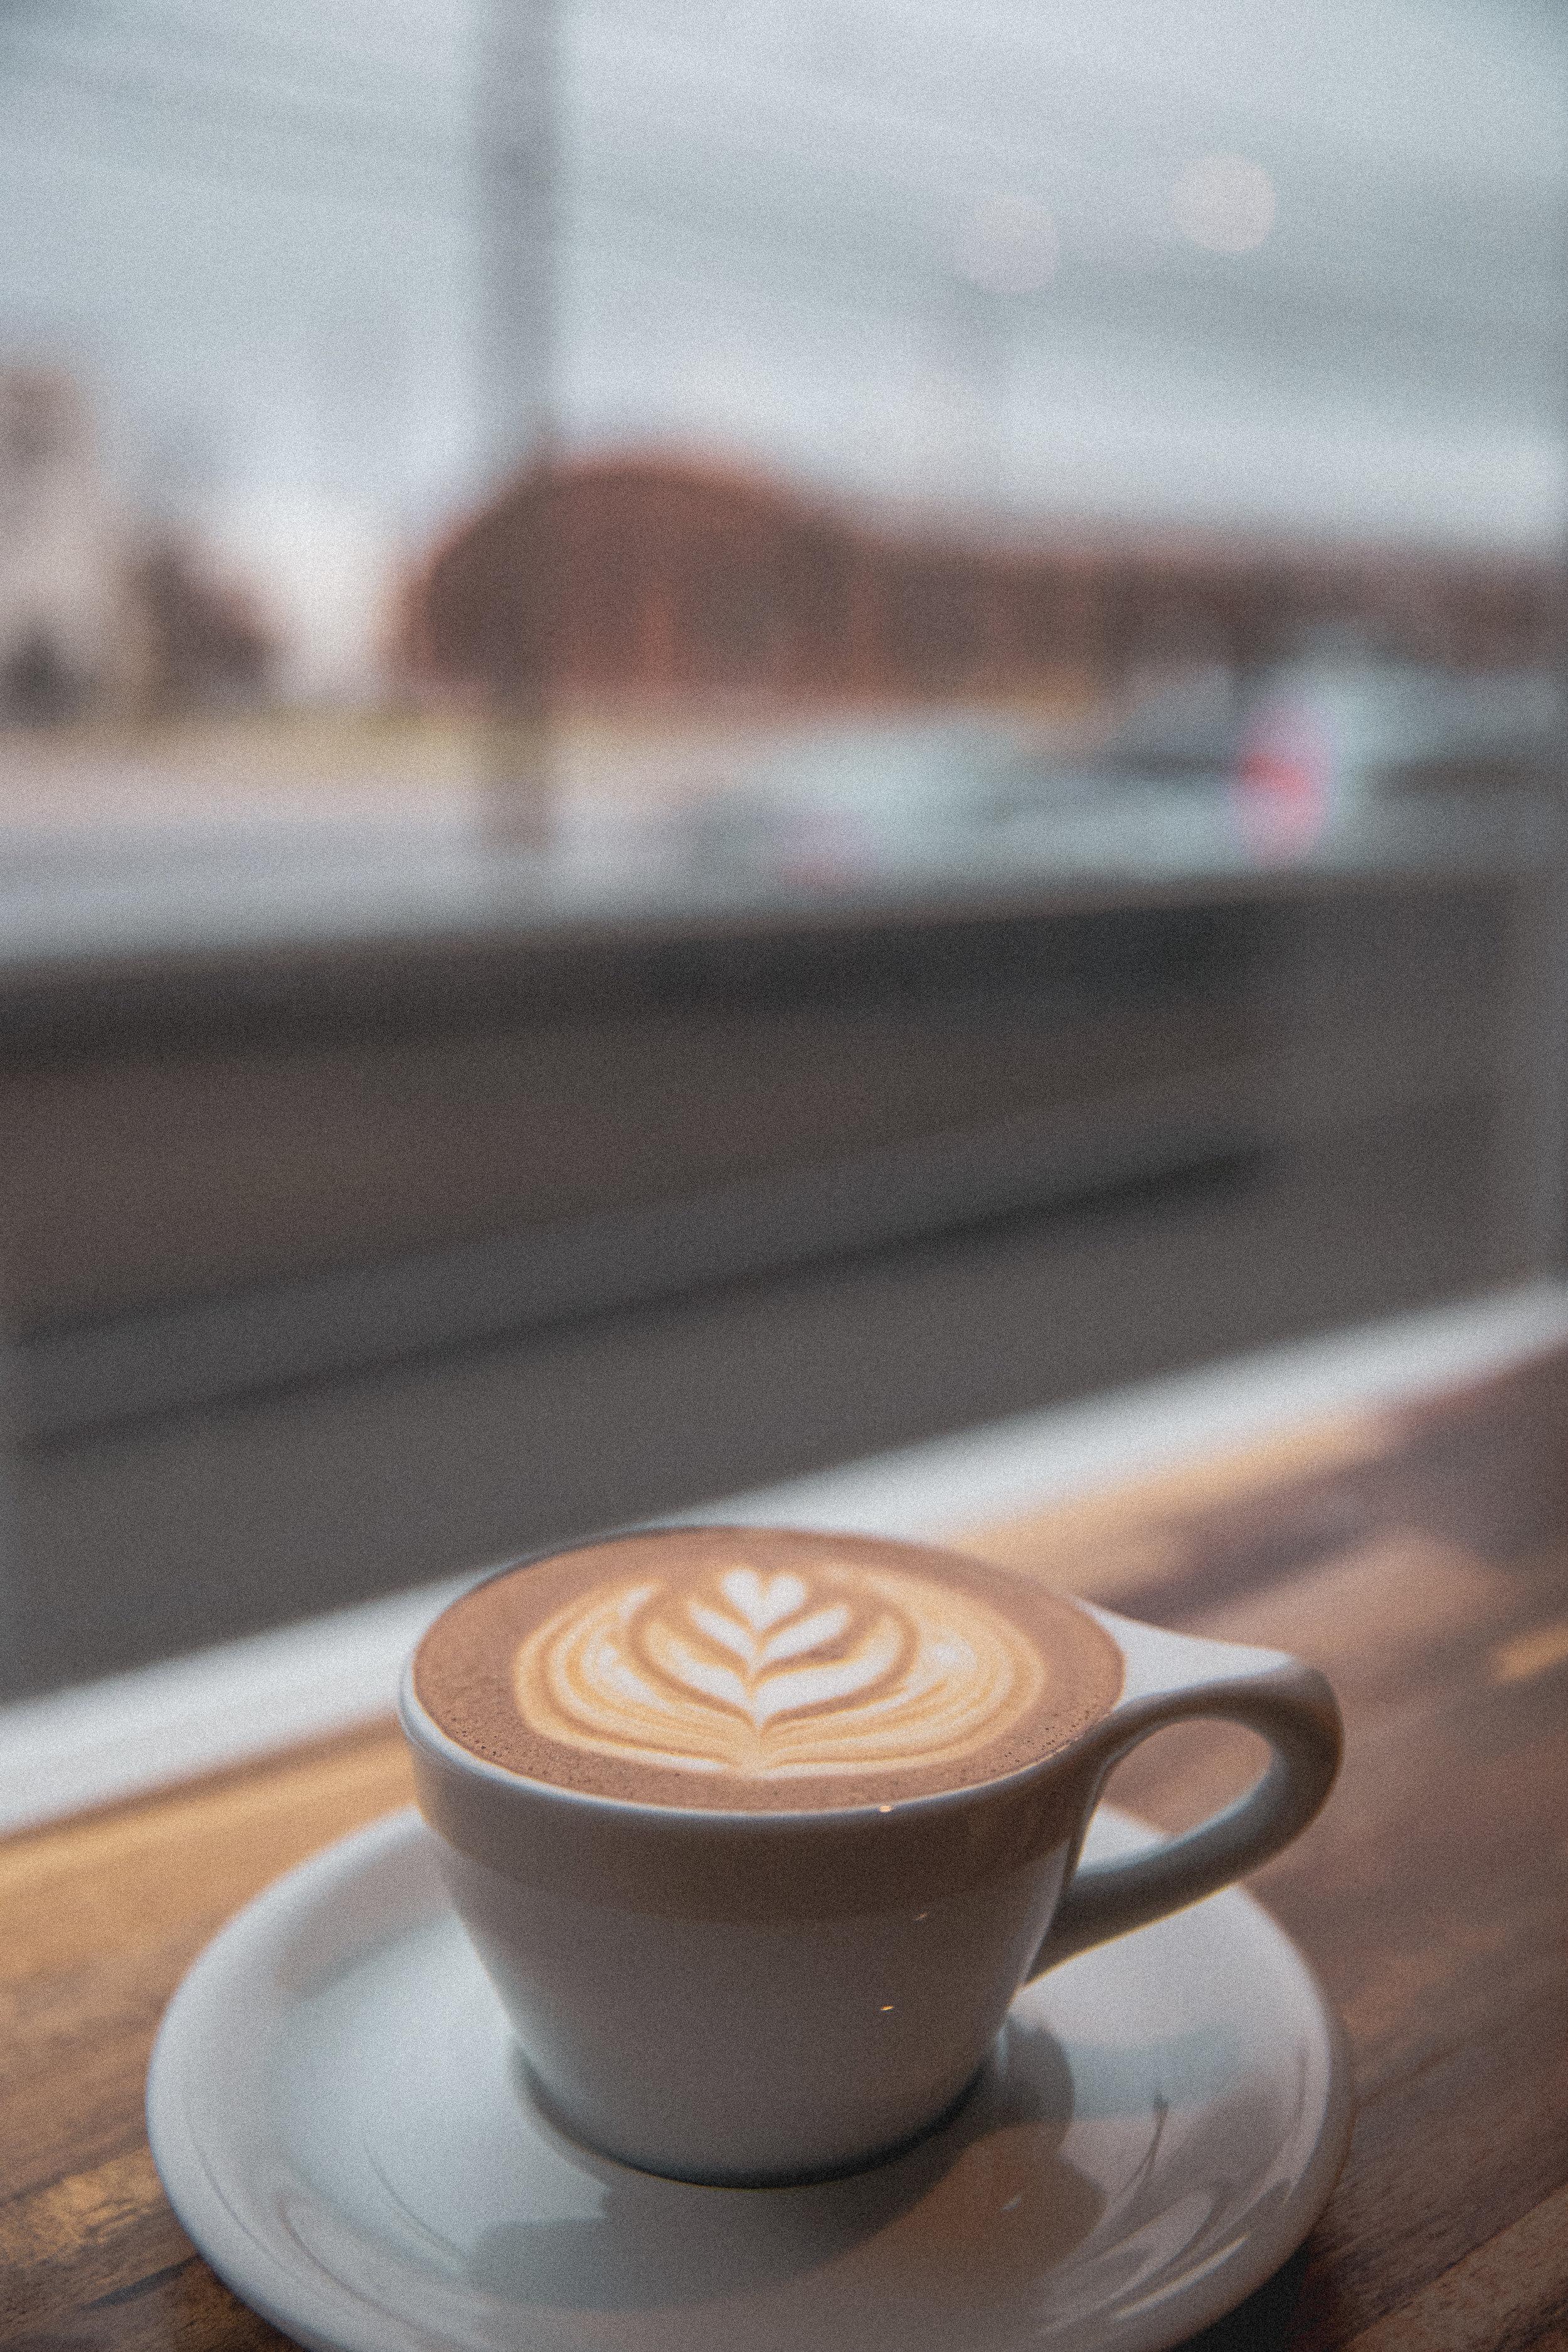 coffeeshop-photography-9I0636.jpg